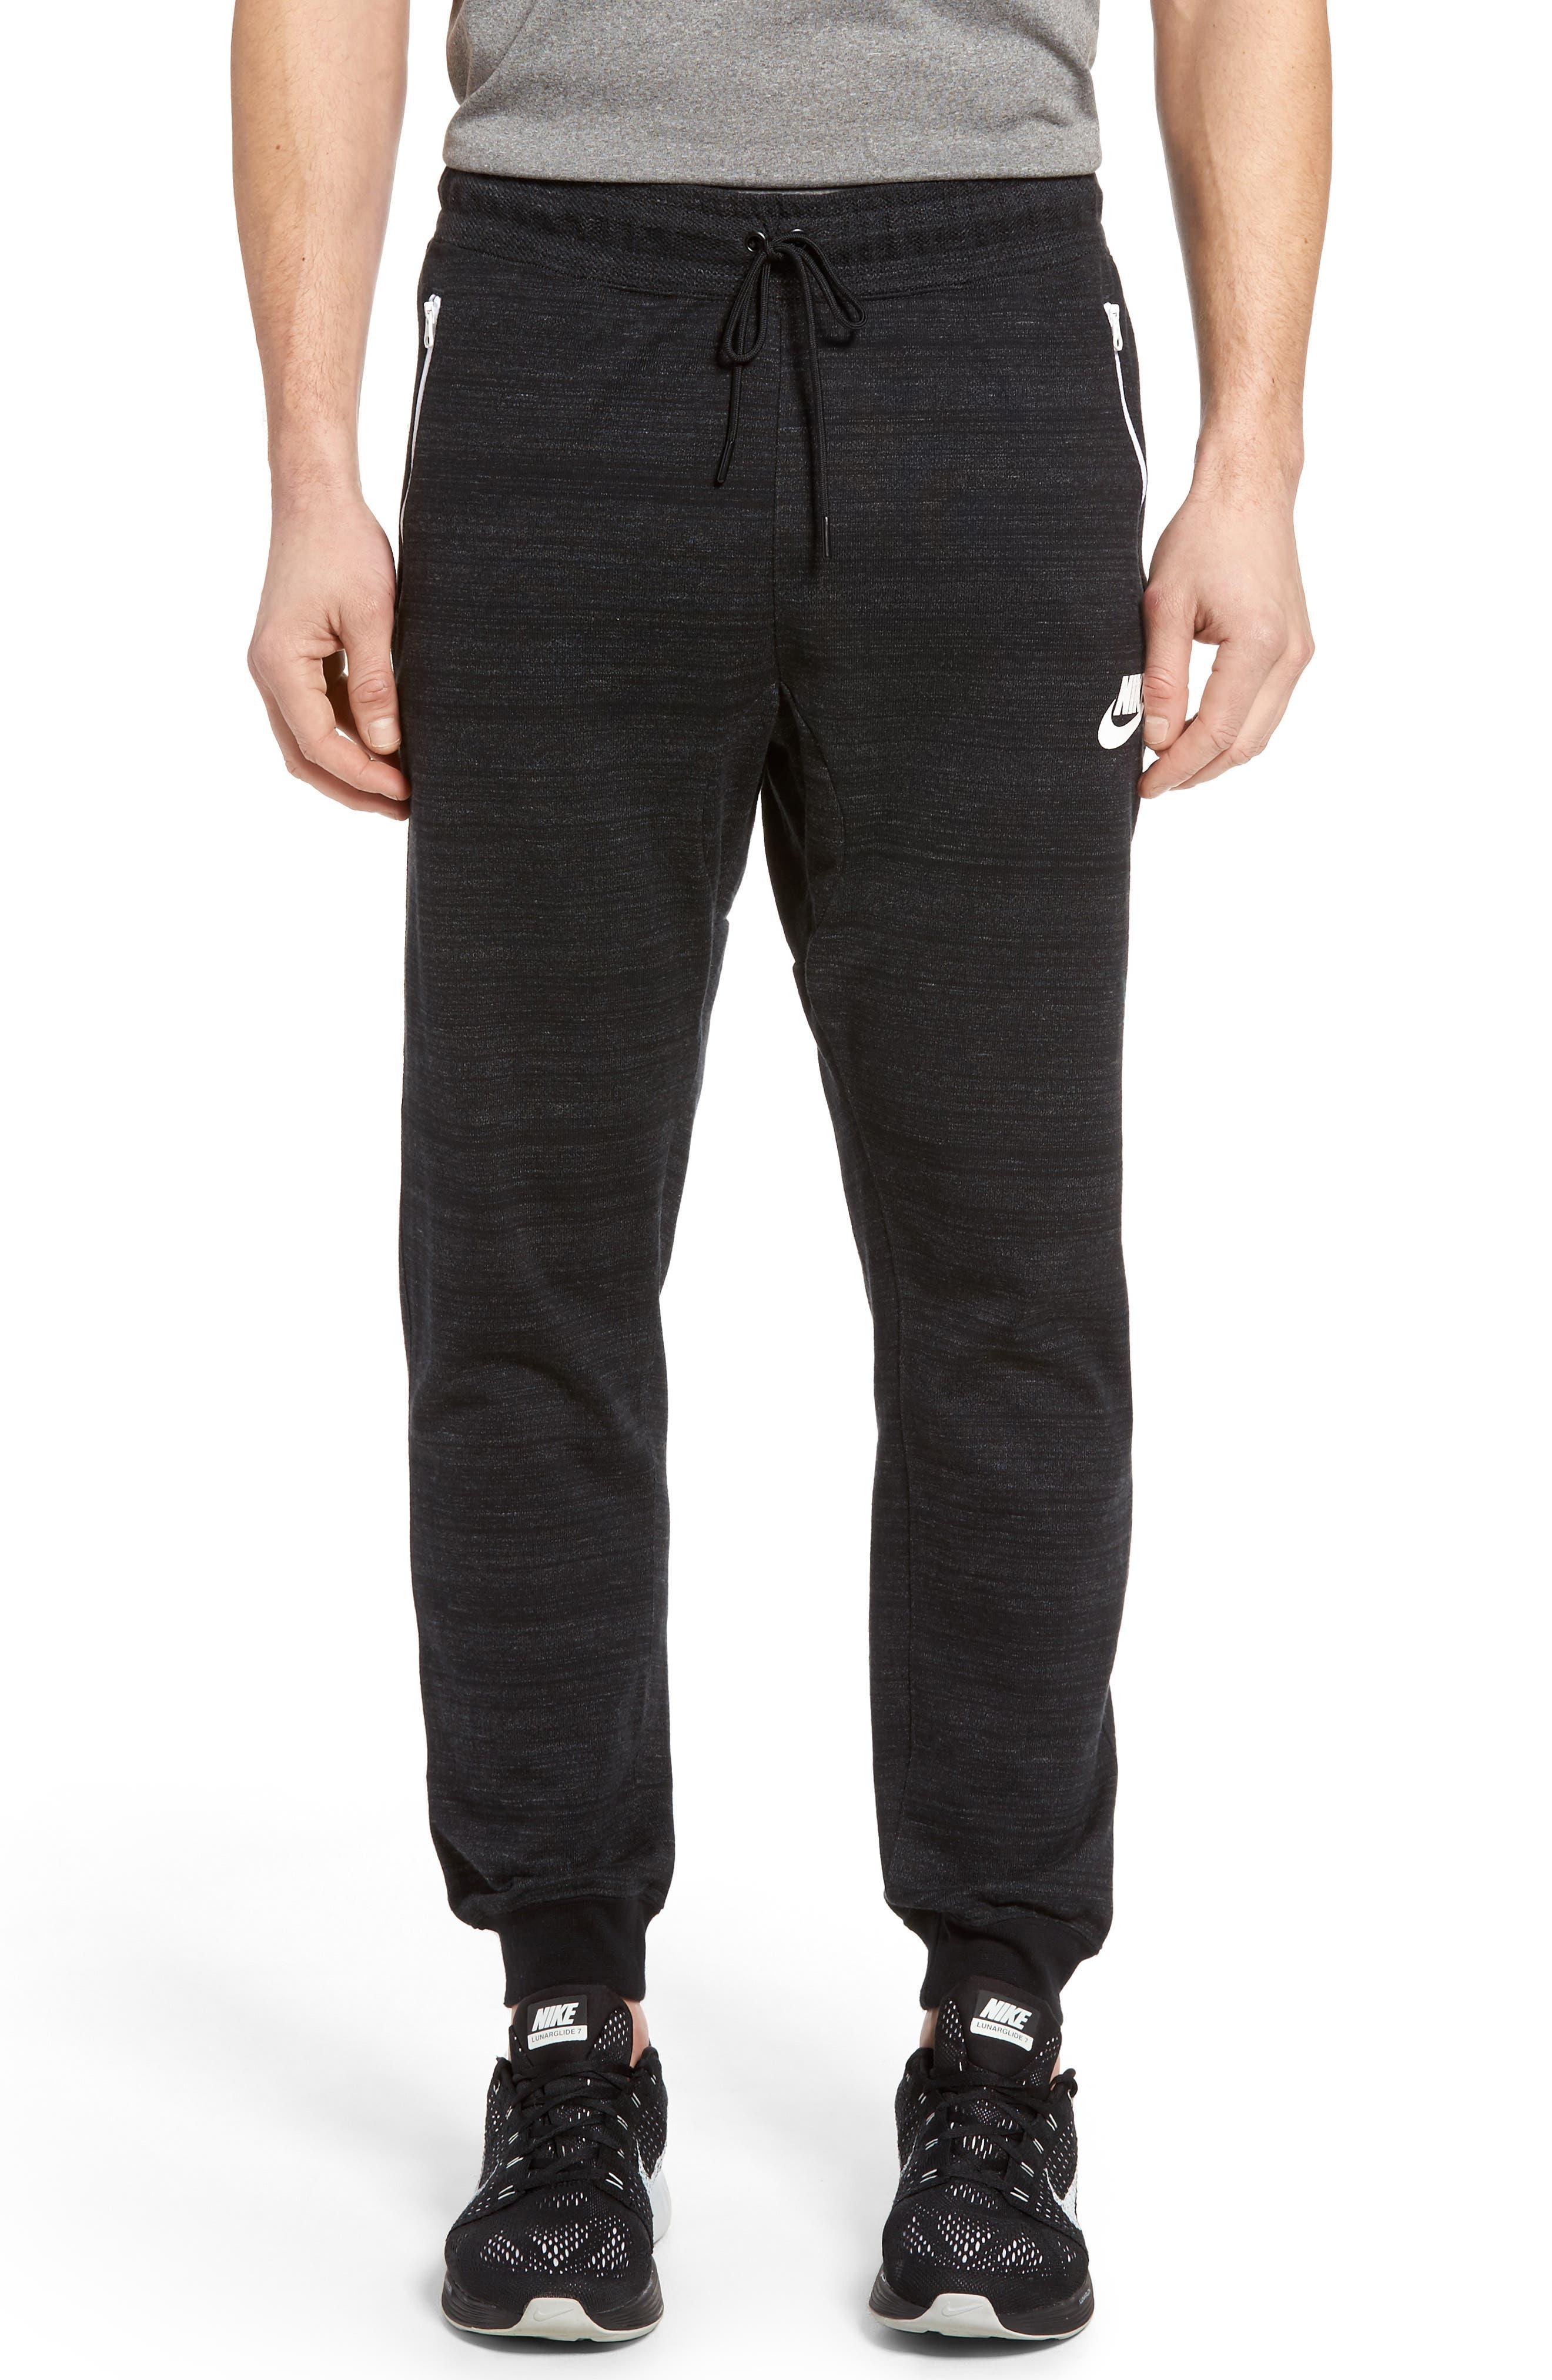 Advance 15 Pants,                         Main,                         color, Black/Htr/White